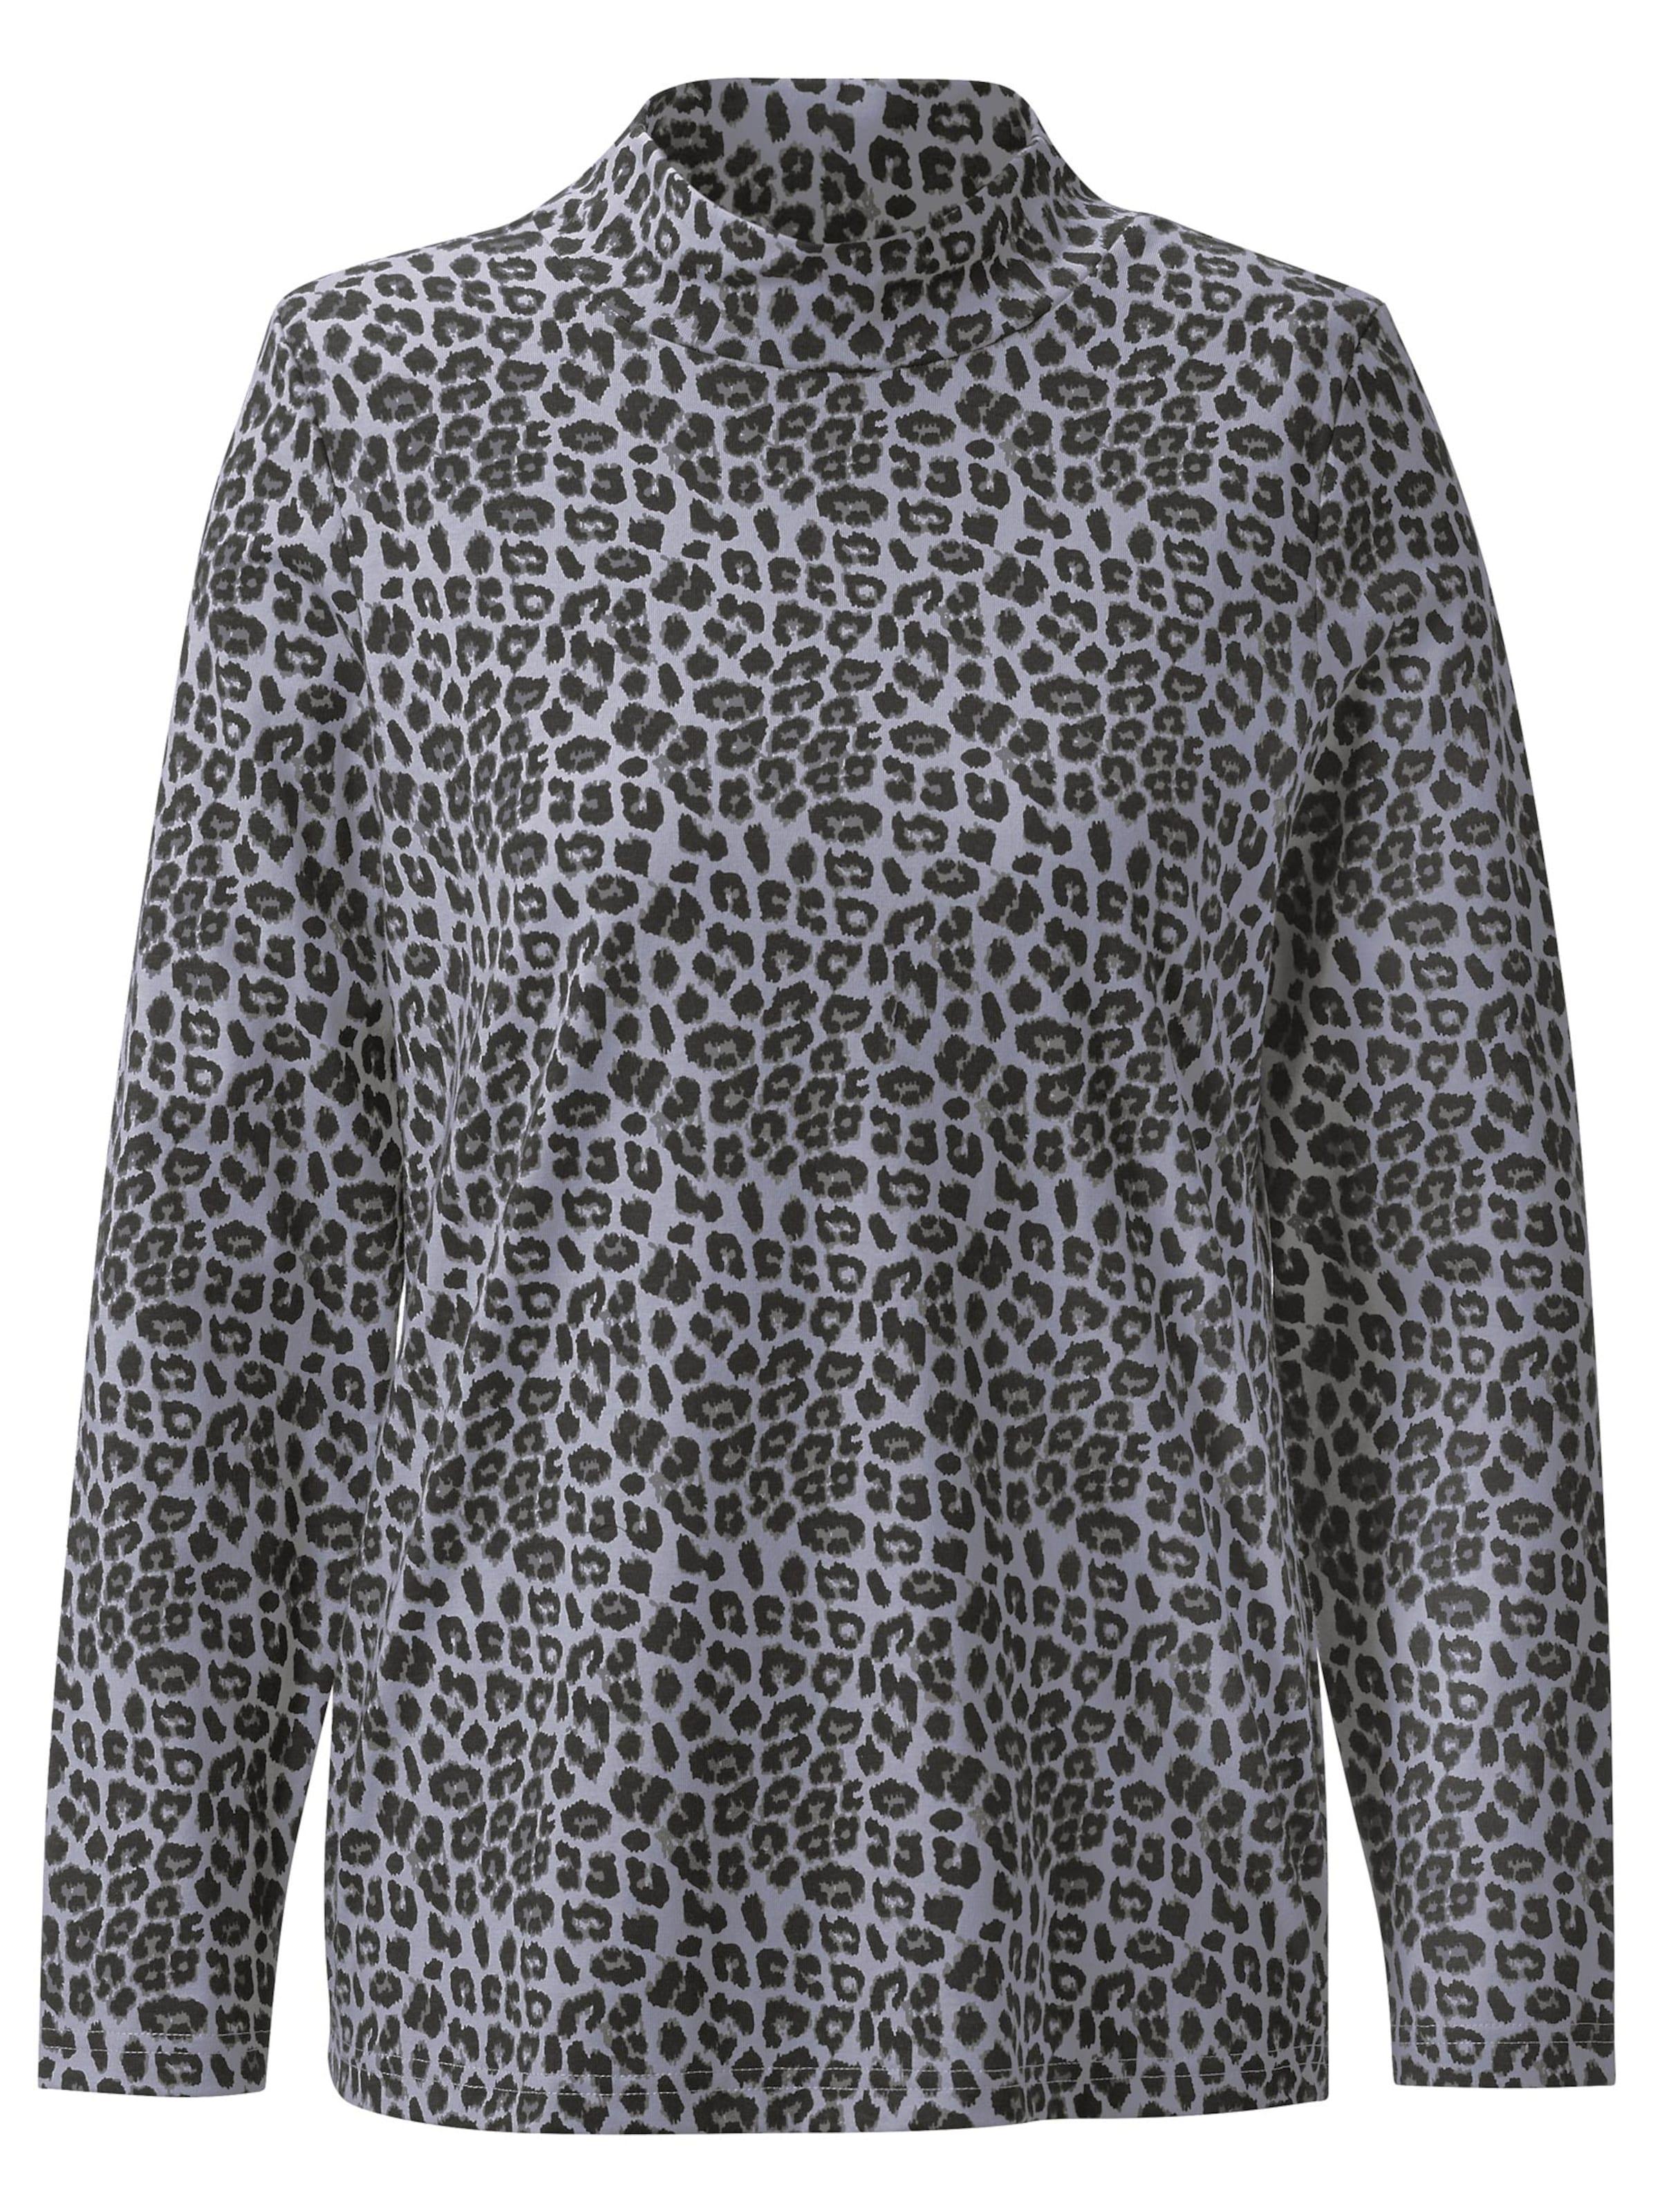 witt weiden -  Damen Shirt steingrau-bedruckt